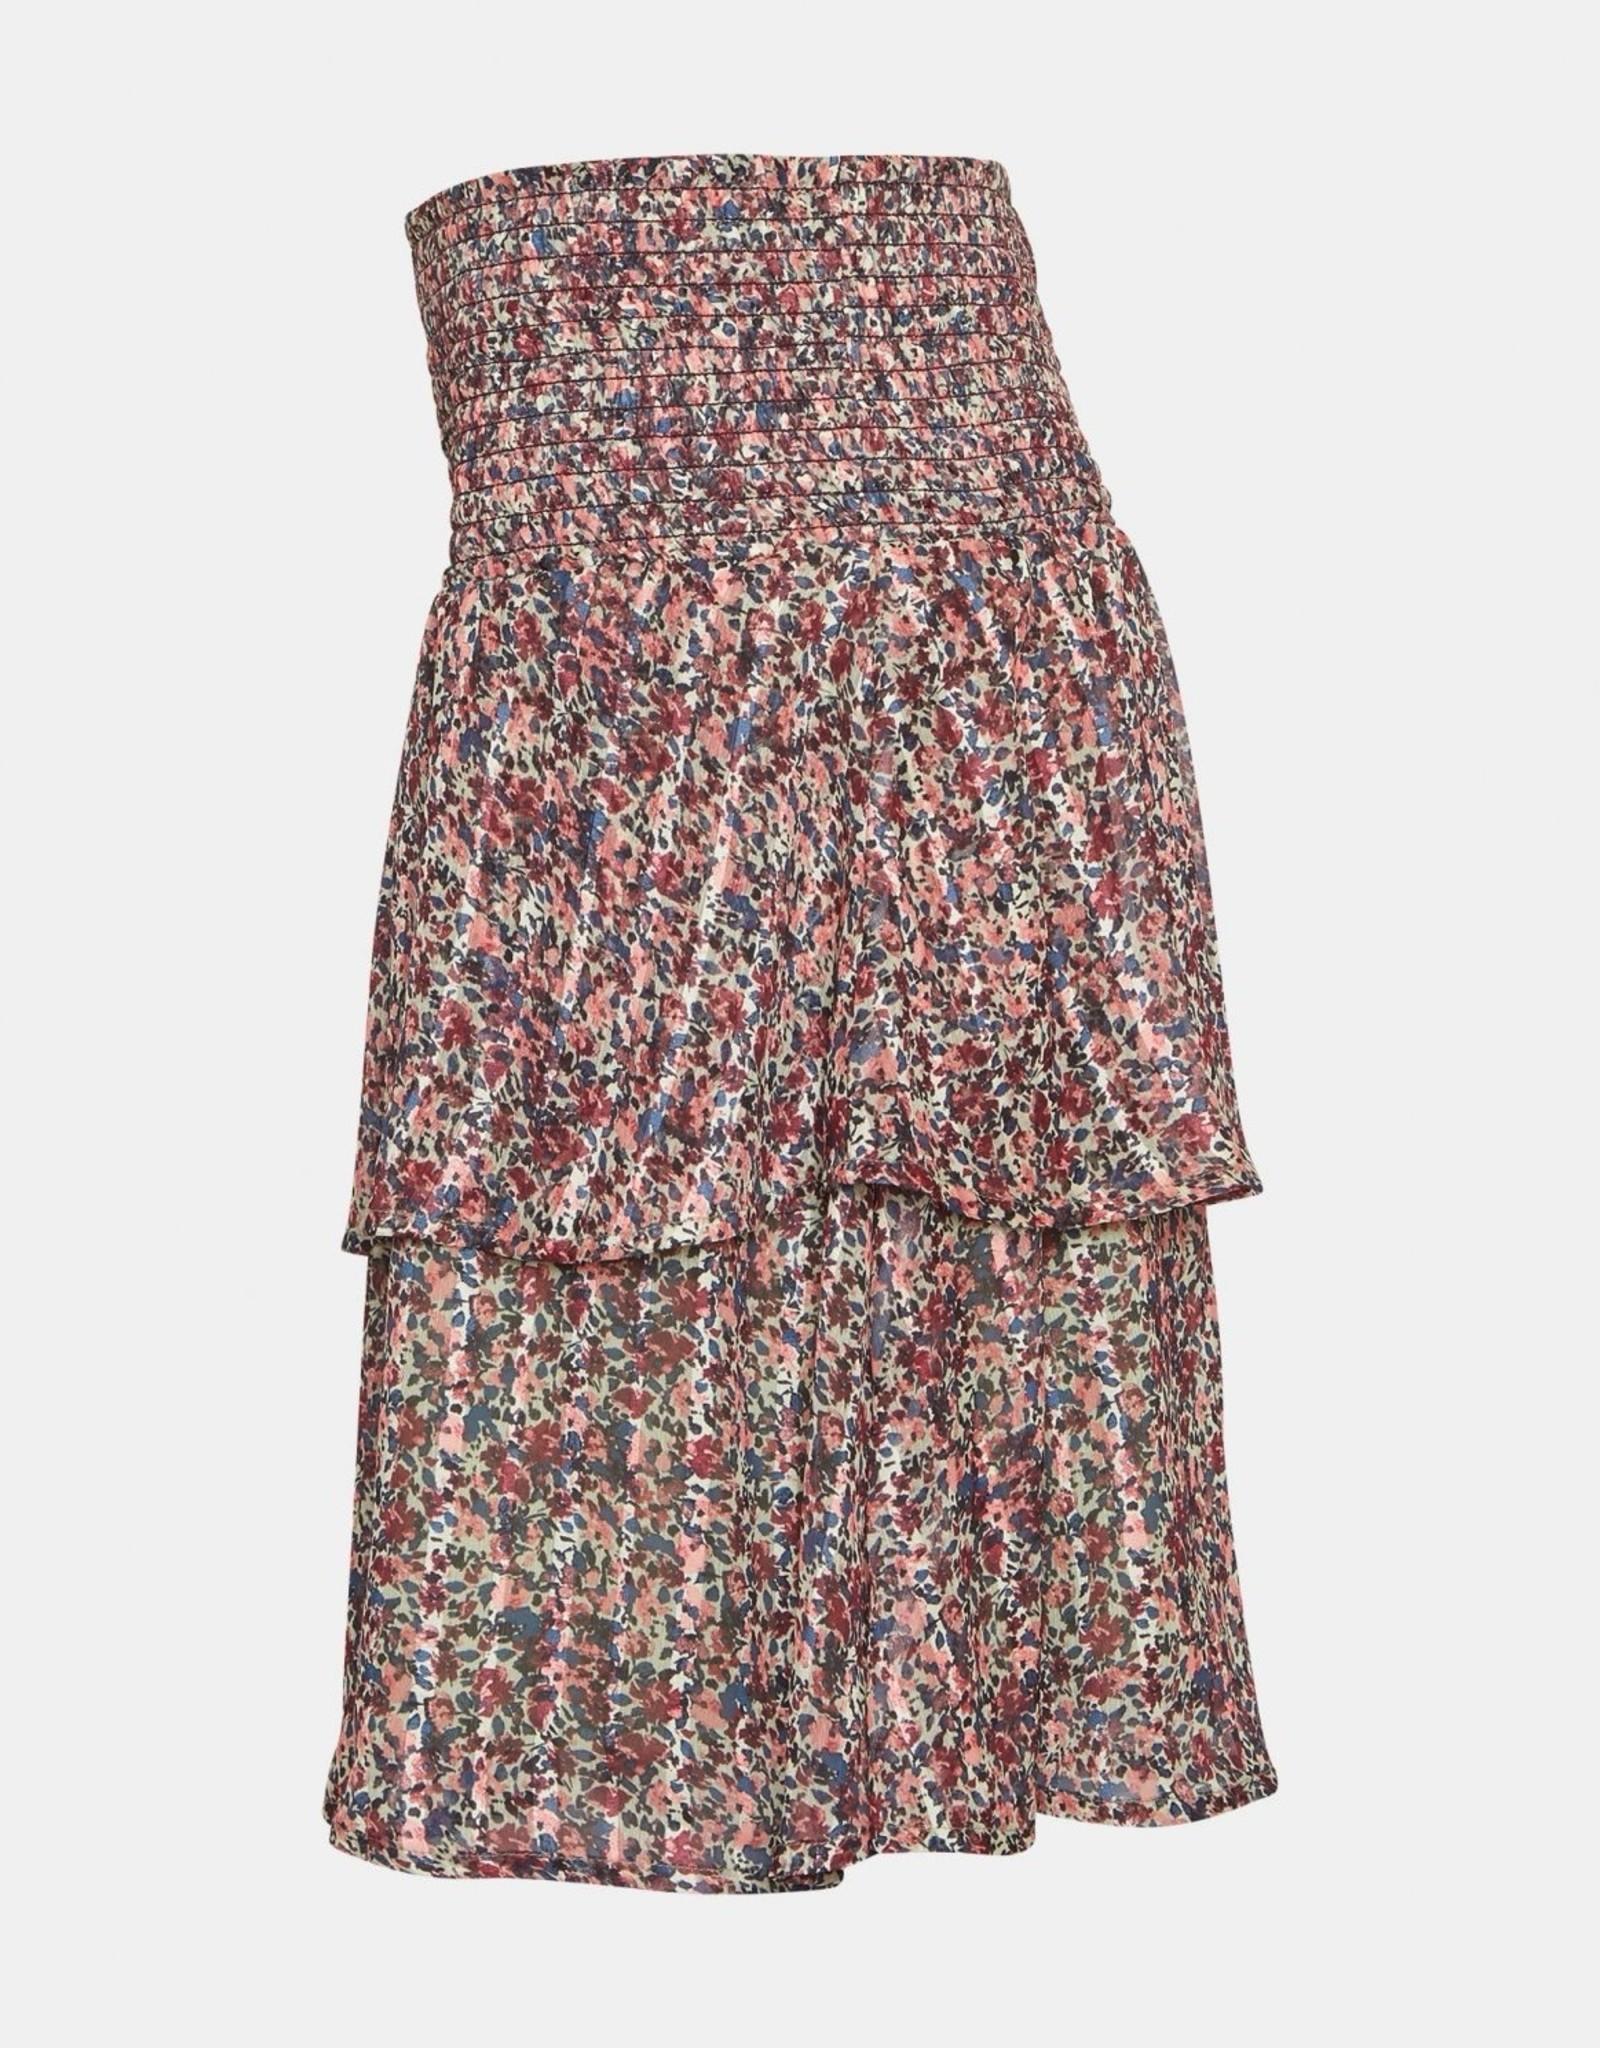 Moss Copenhagen MSCH Kaline Short Skirt